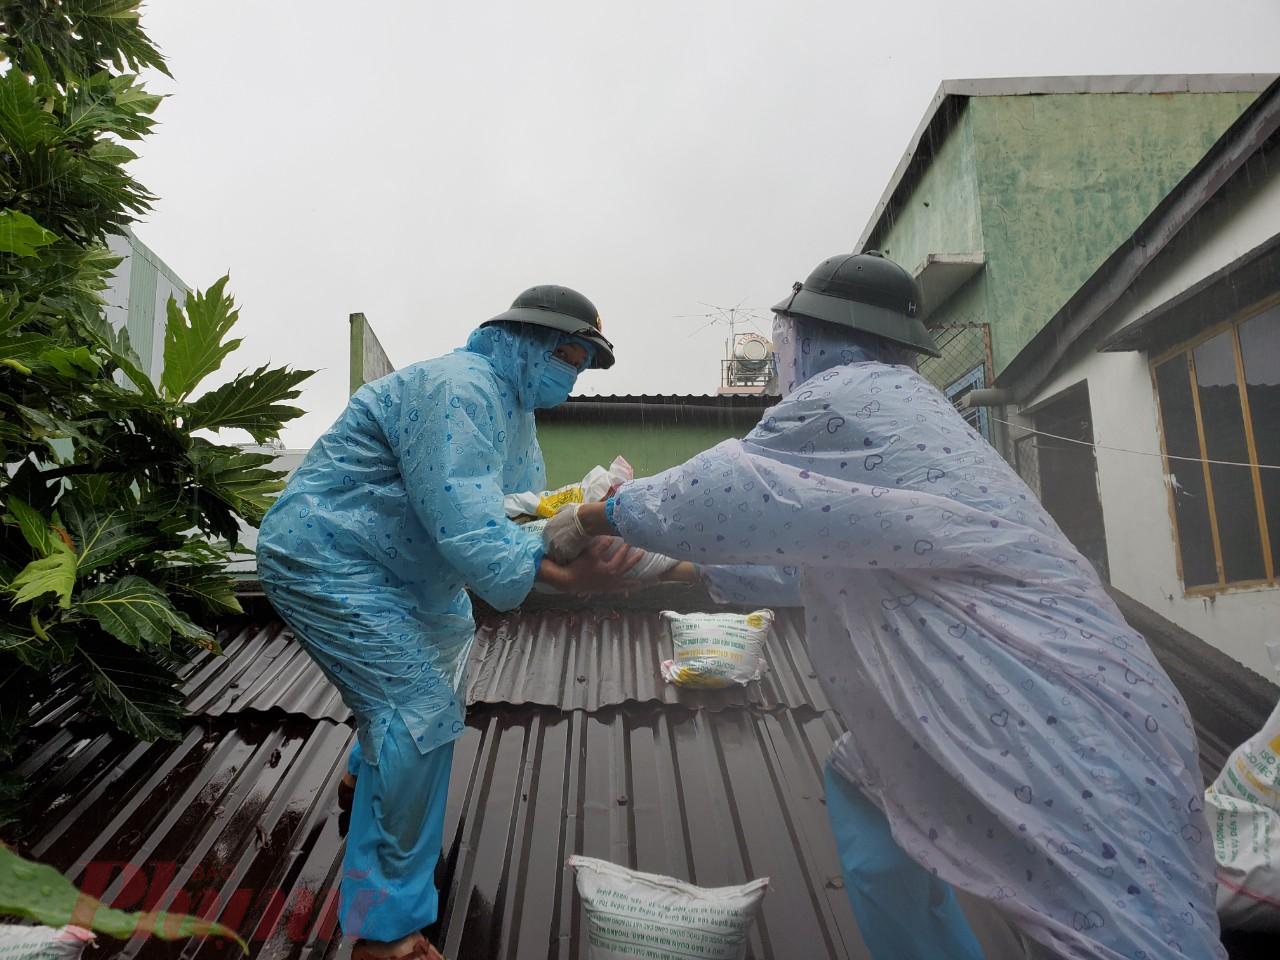 Lãnh đạo phường Tam Thuận (quận Thanh Khê) cho hay, trước bão số 5 địa phương chủ động phối hợp với bộ đội chằng chống nhà cửa, giúp người dân kiên cố vật dụng trong gia đình. Riêng với các gia đinh có F0, F1 đã đi cách ly hết, địa phương đến kiểm tra từng nhà chằng chống nếu cần. Khi đã kiểm đếm, địa phương sẽ phối hợp cùng các chiến sỹ của Trung đoàn 971 để giúp người dân chằng chống nhà cửa.